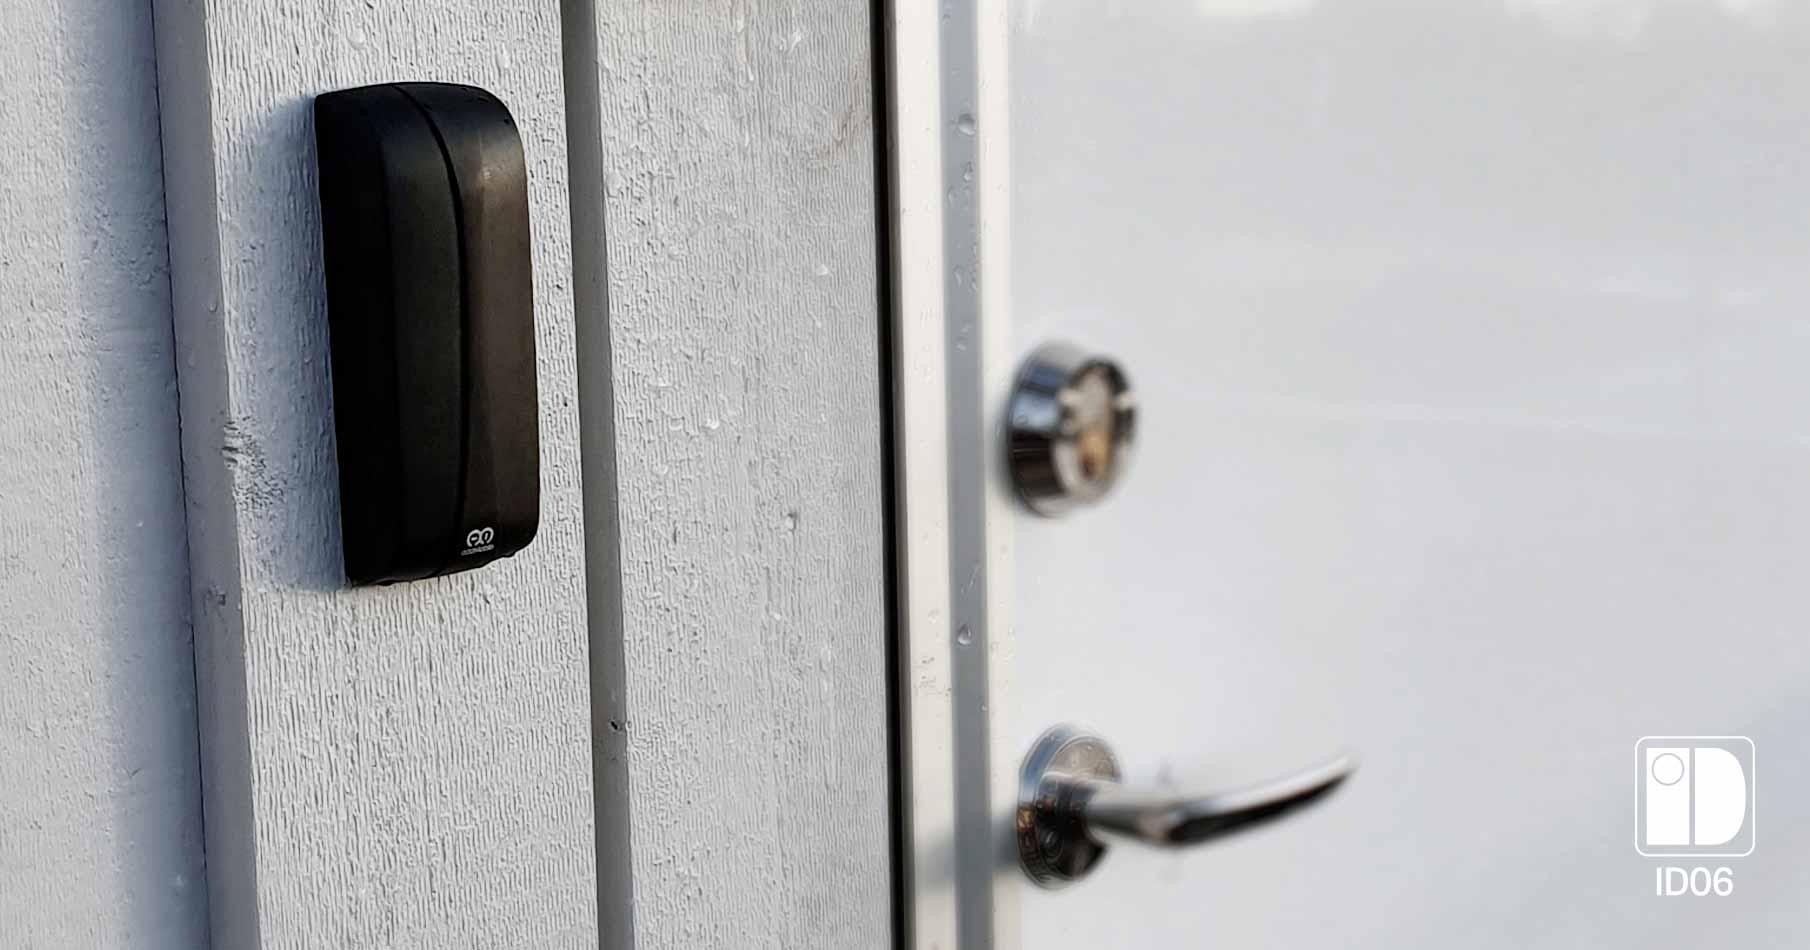 Närbild på en boddörr med en svart kortläsare monterad bredvid